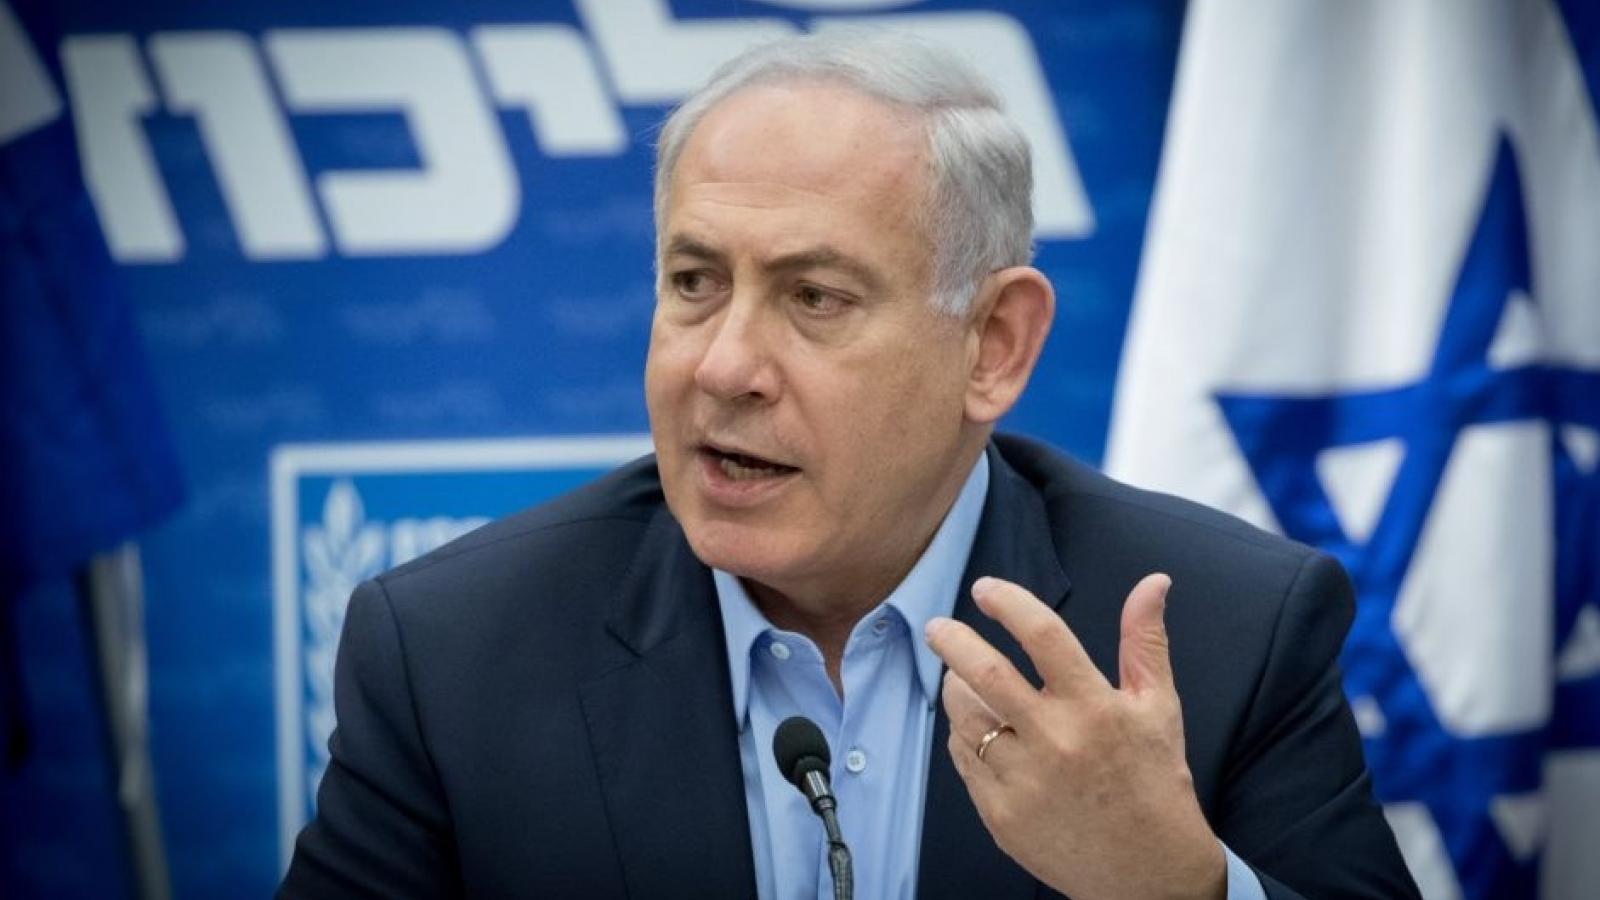 Thủ tướng Israel Netanyahu cố gắng lật ngược thế cờ trong một tuần cuối cùng